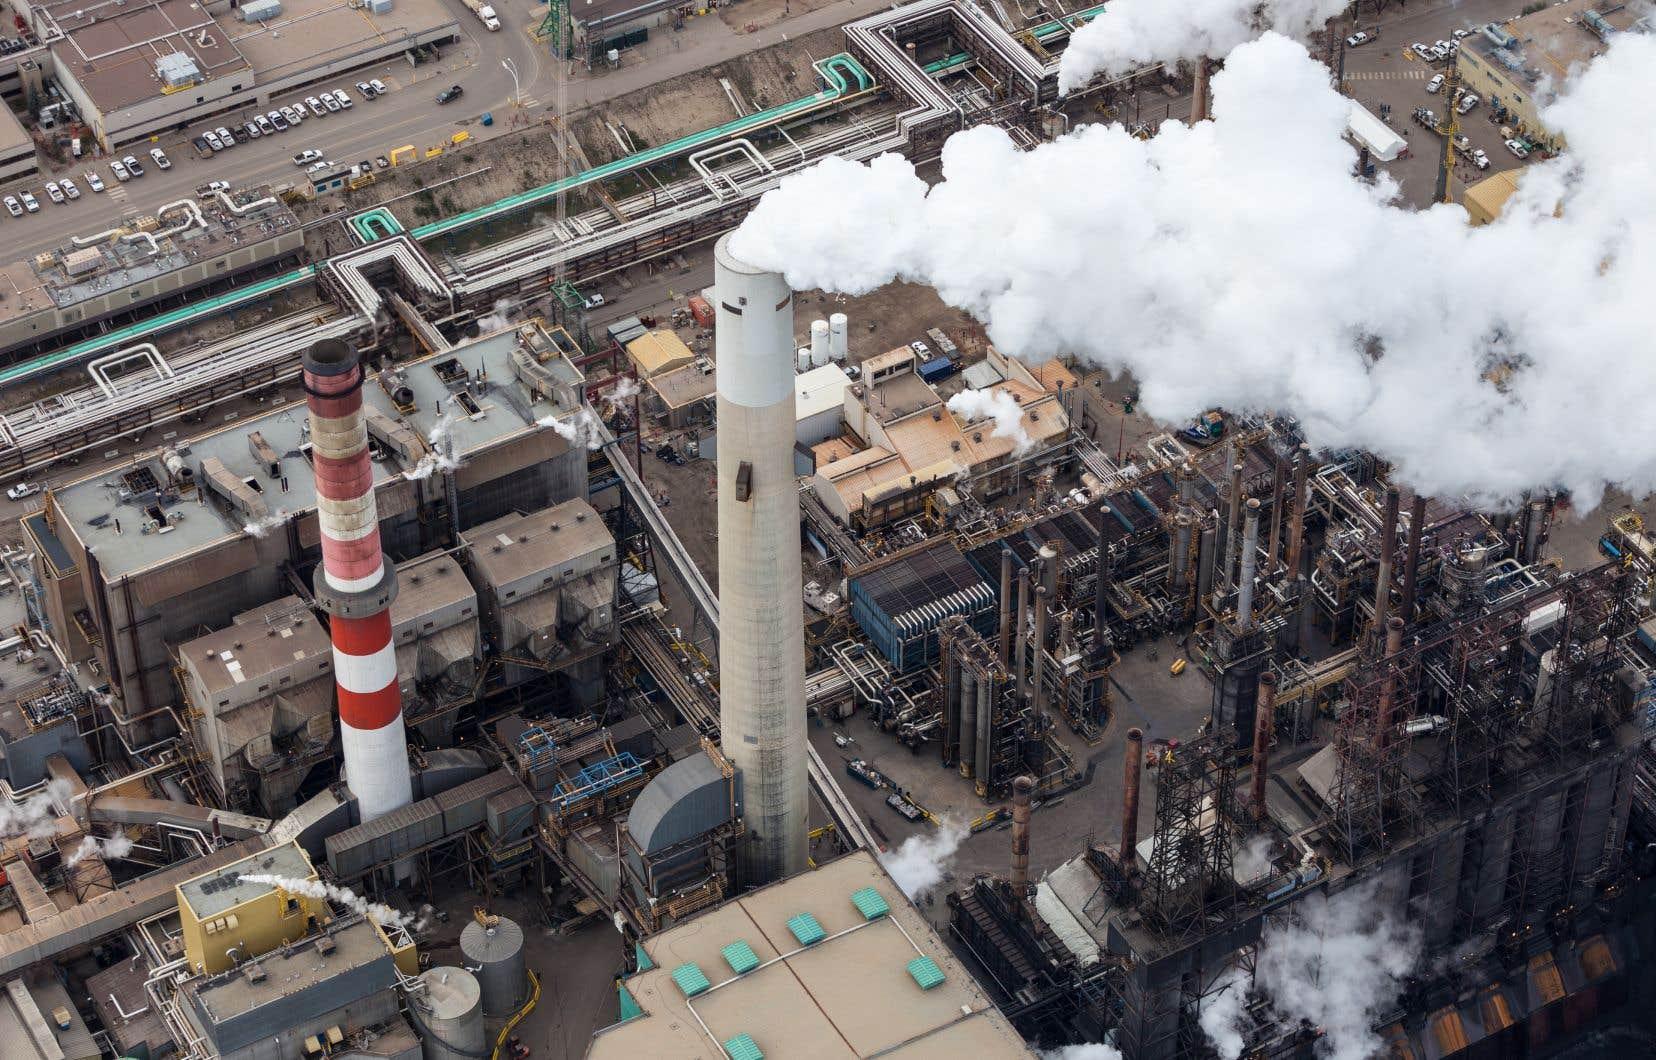 L'ère industrielle nous aura donné pollution, destruction, inégalités, souffrance, mort, écrit l'auteur.